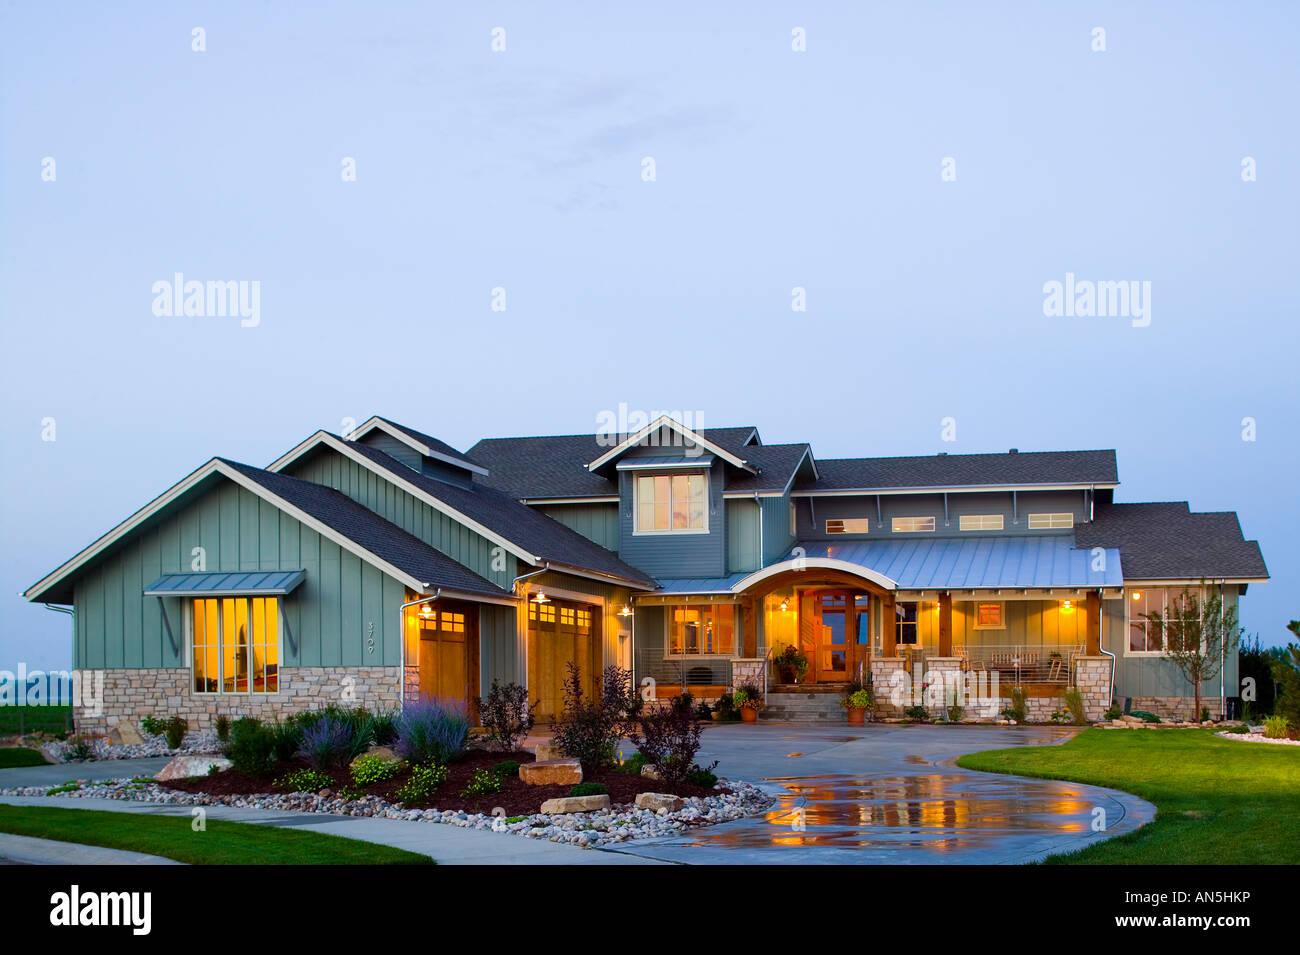 Colorado modernen Luxus Bauernhof Stil nach Hause Exterieur bei ...